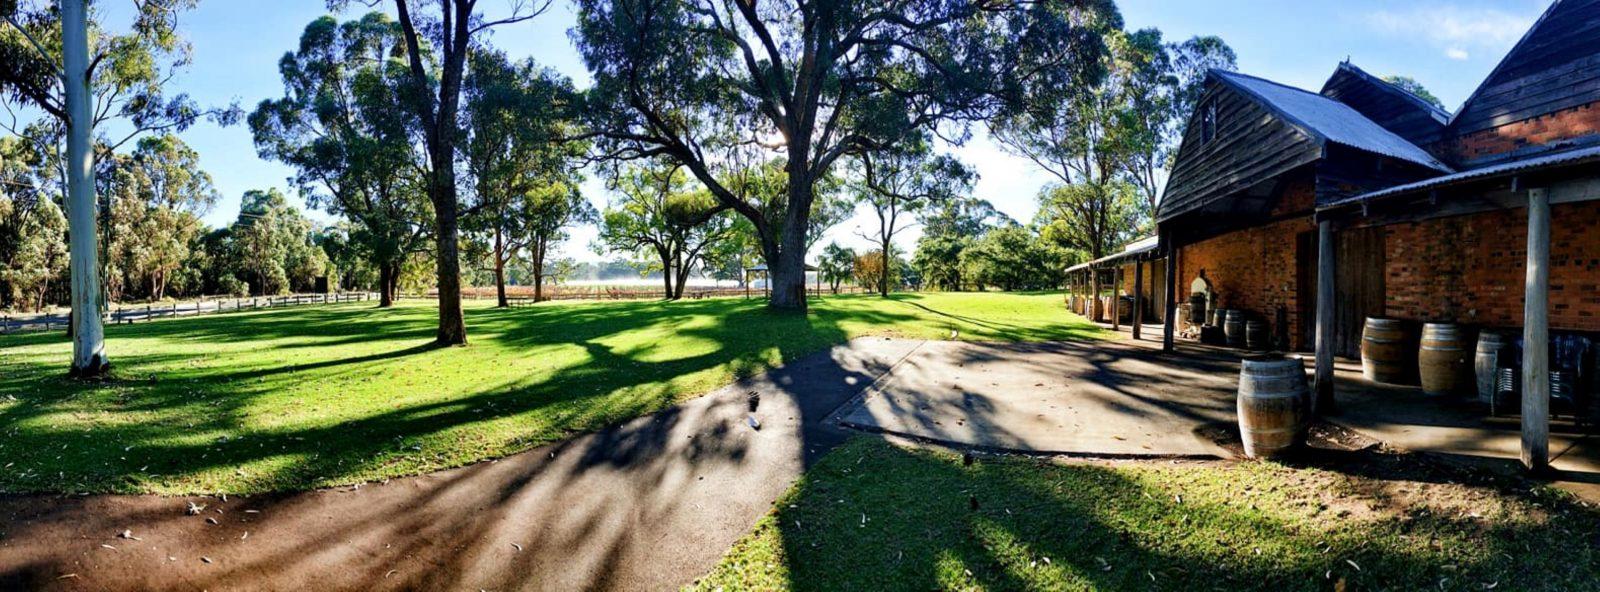 Peel Estate Winery, Karnup, Western Australia